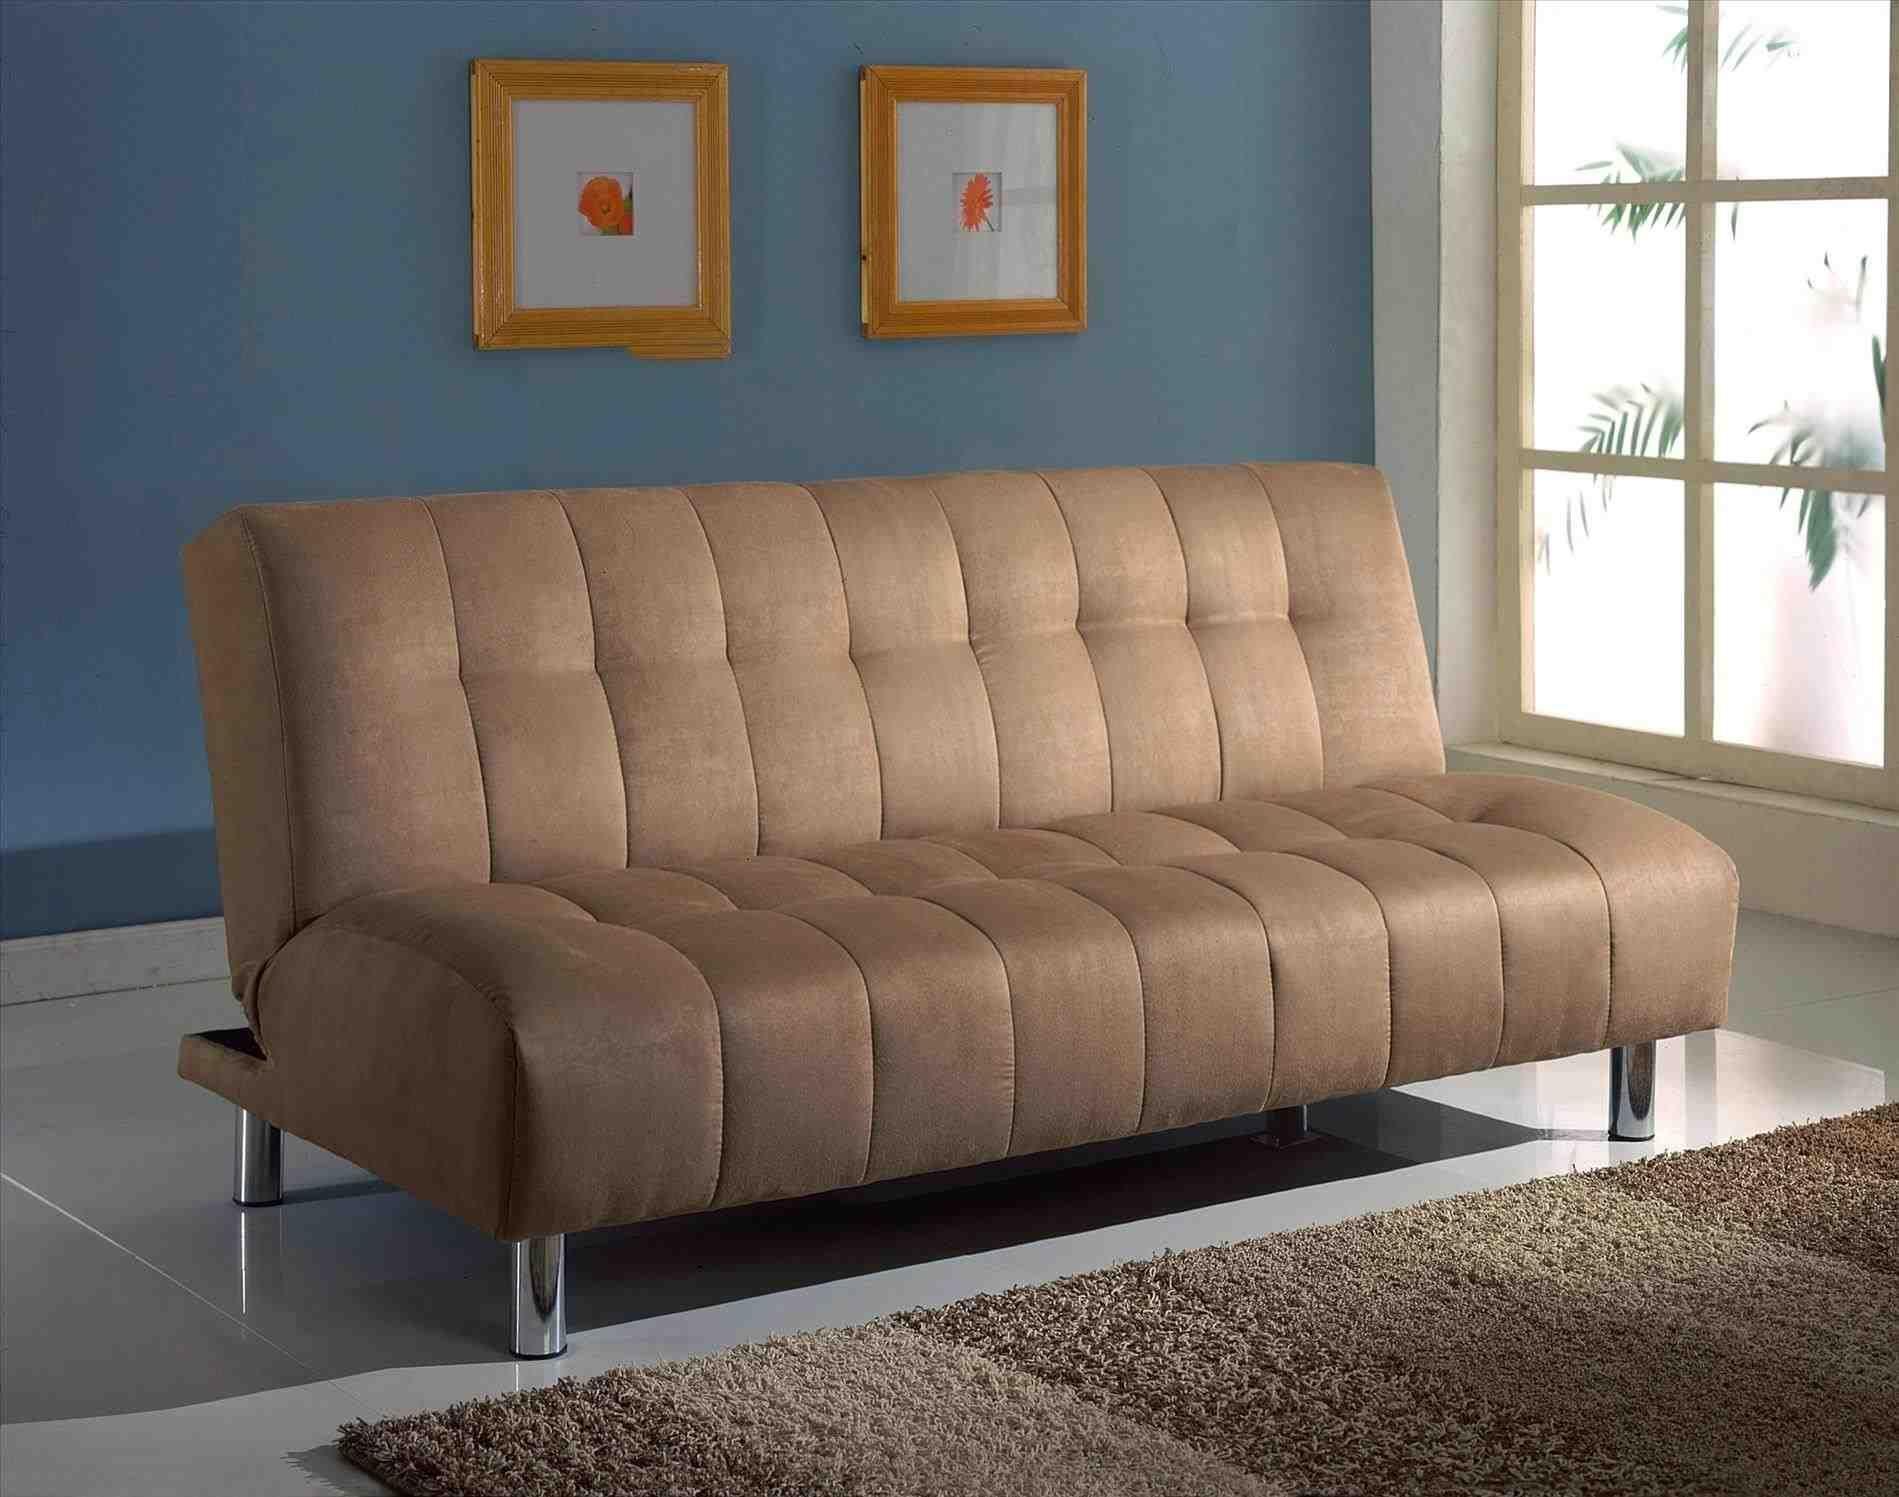 Leather Sofa Bed Futon